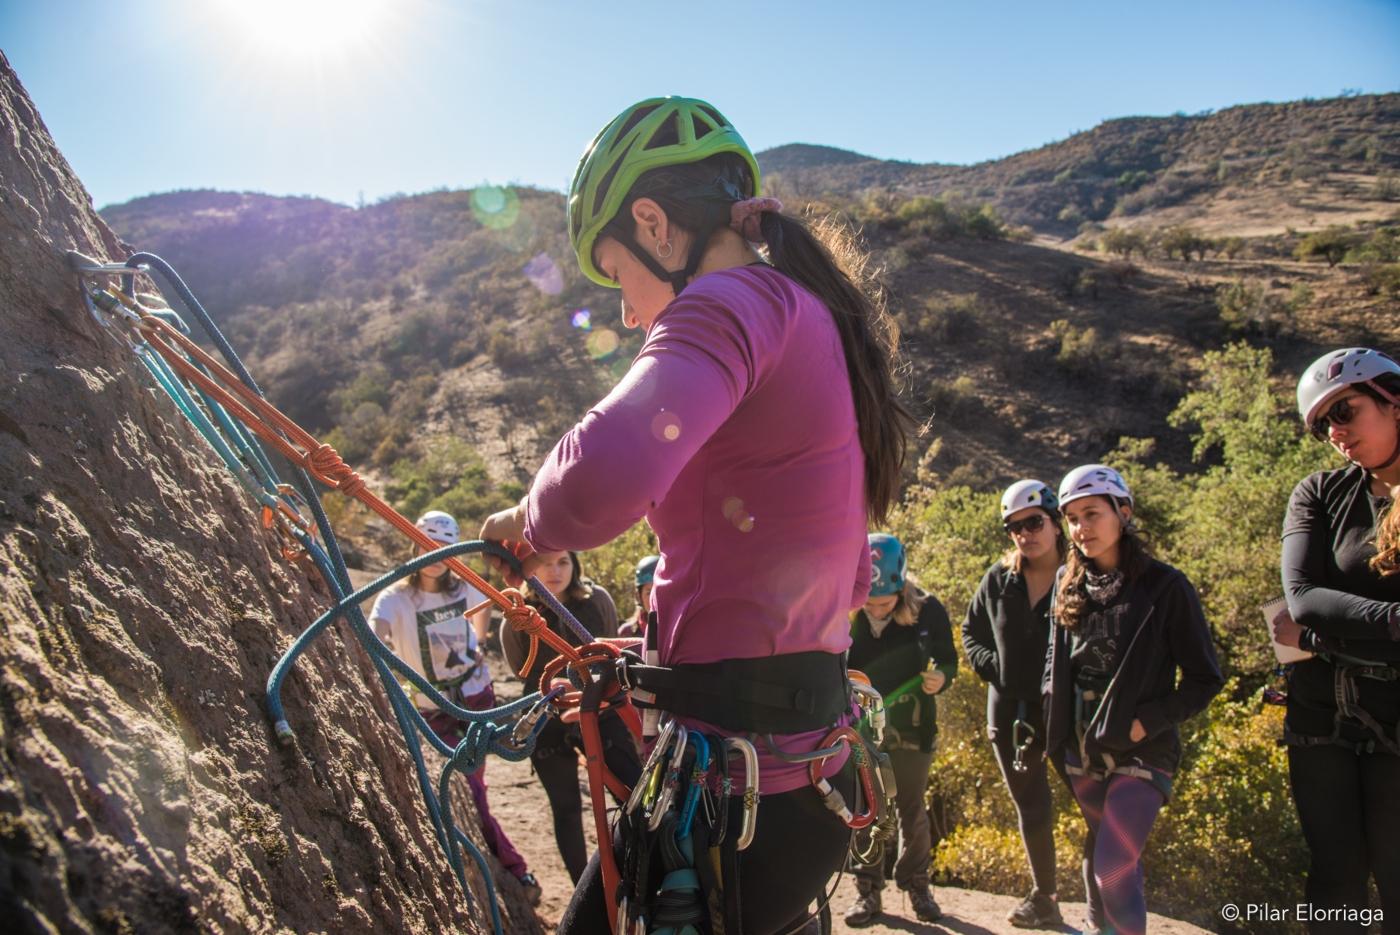 Mujeres en ruta. Deportista preparando su equipo para practicar escalada en Chile